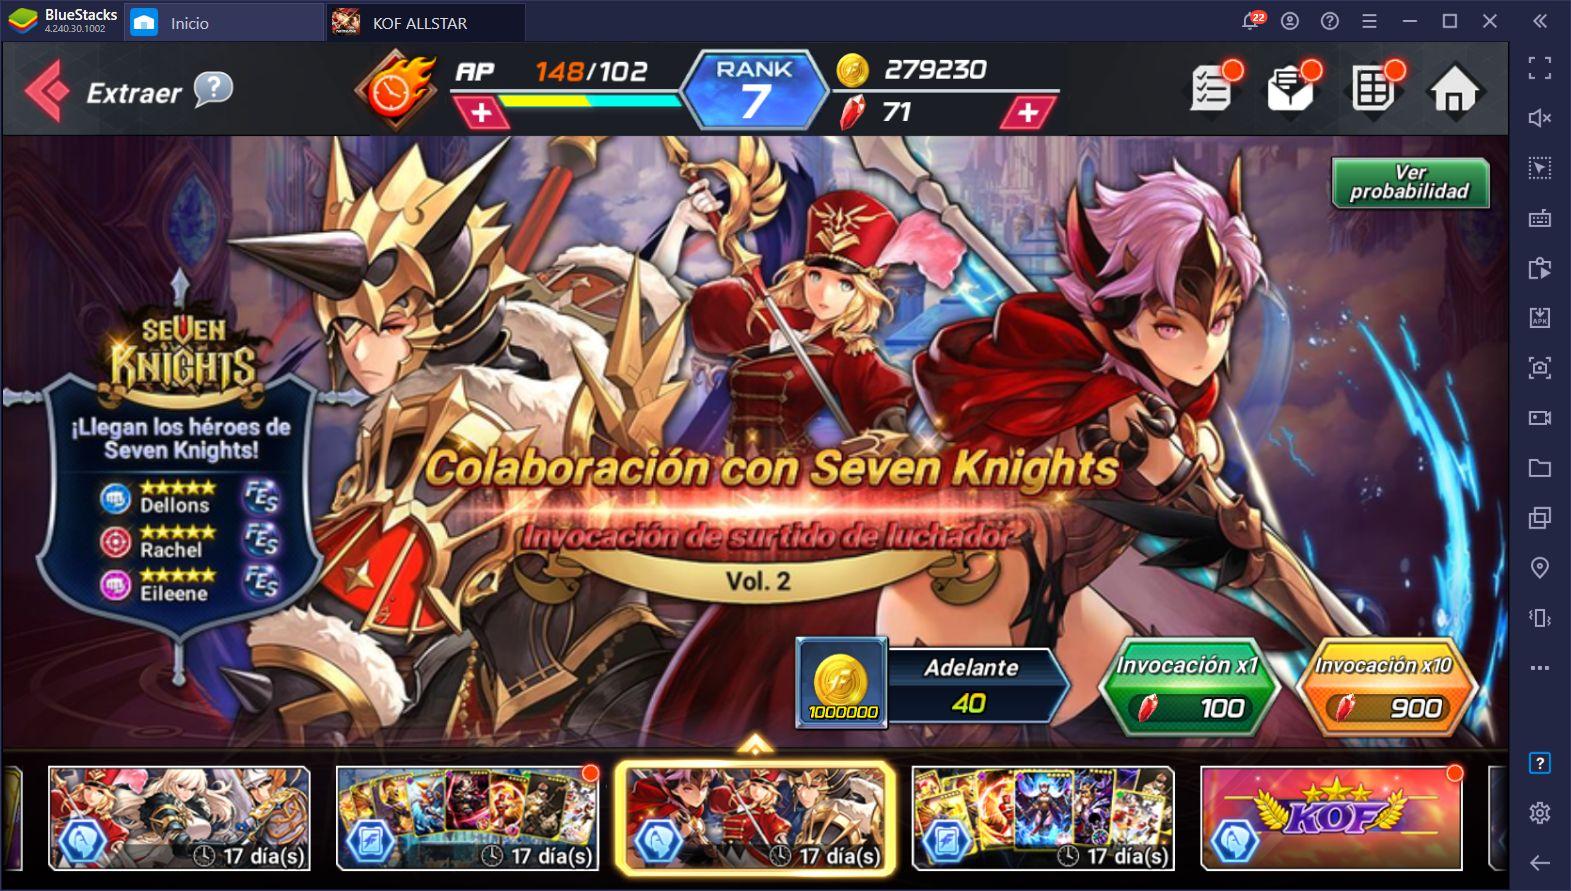 Evento de Colaboración KOF ALLSTAR x Seven Knights Llegará en Diciembre